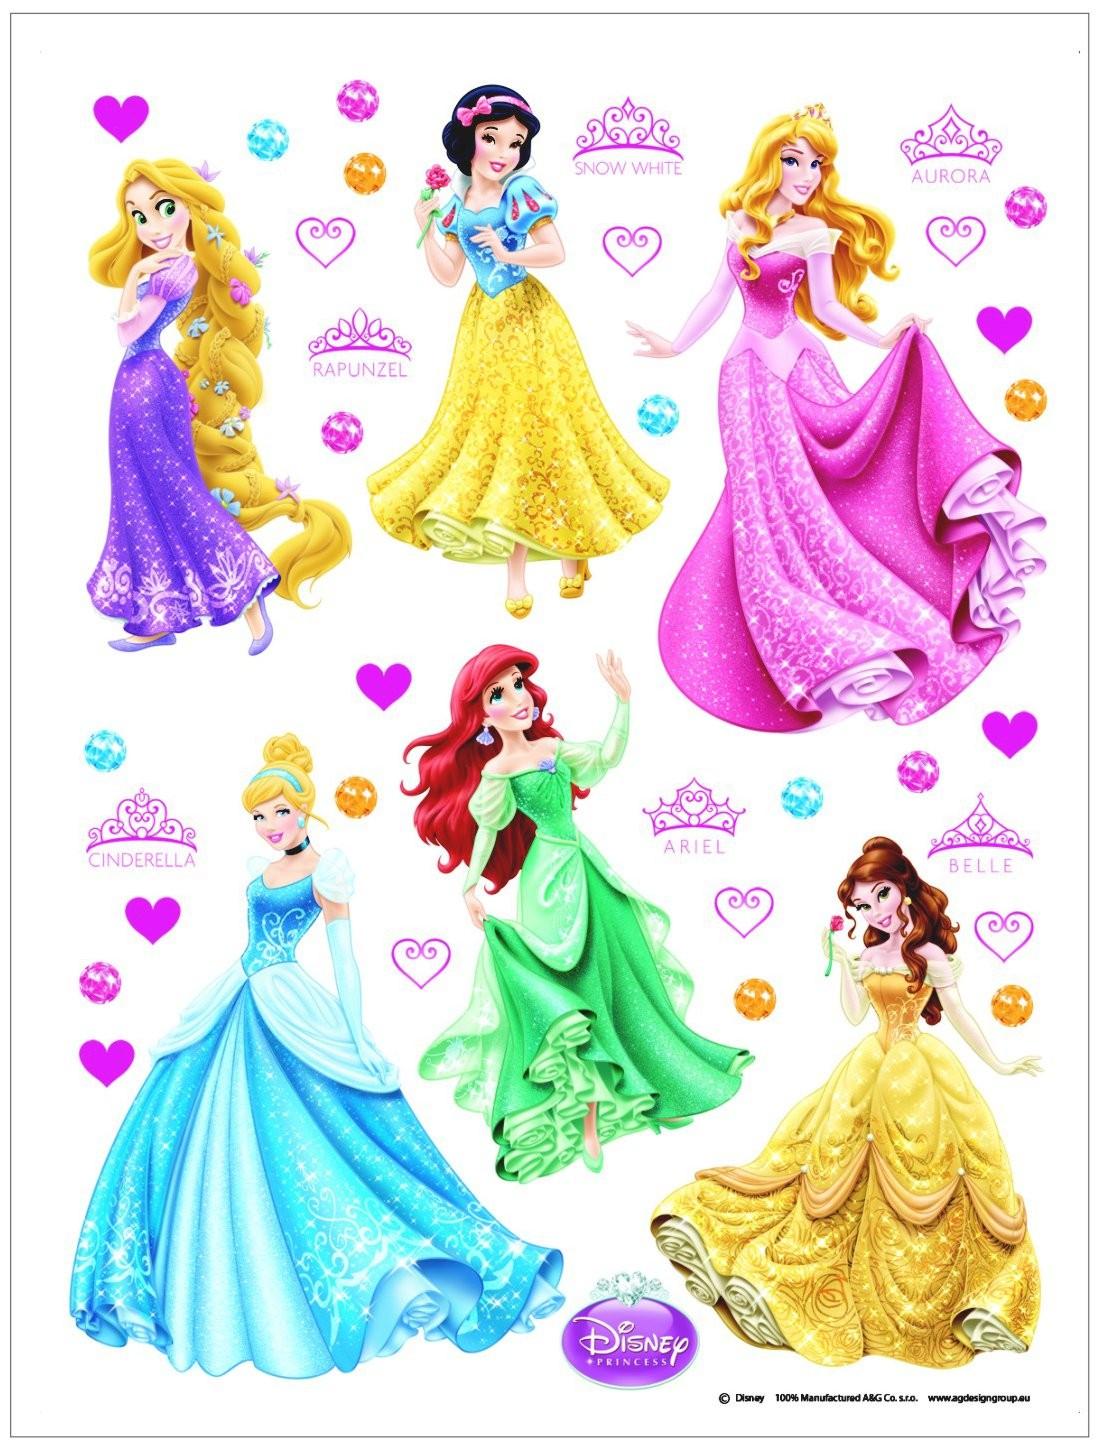 Vrai ou faux ? Les princesses Disney